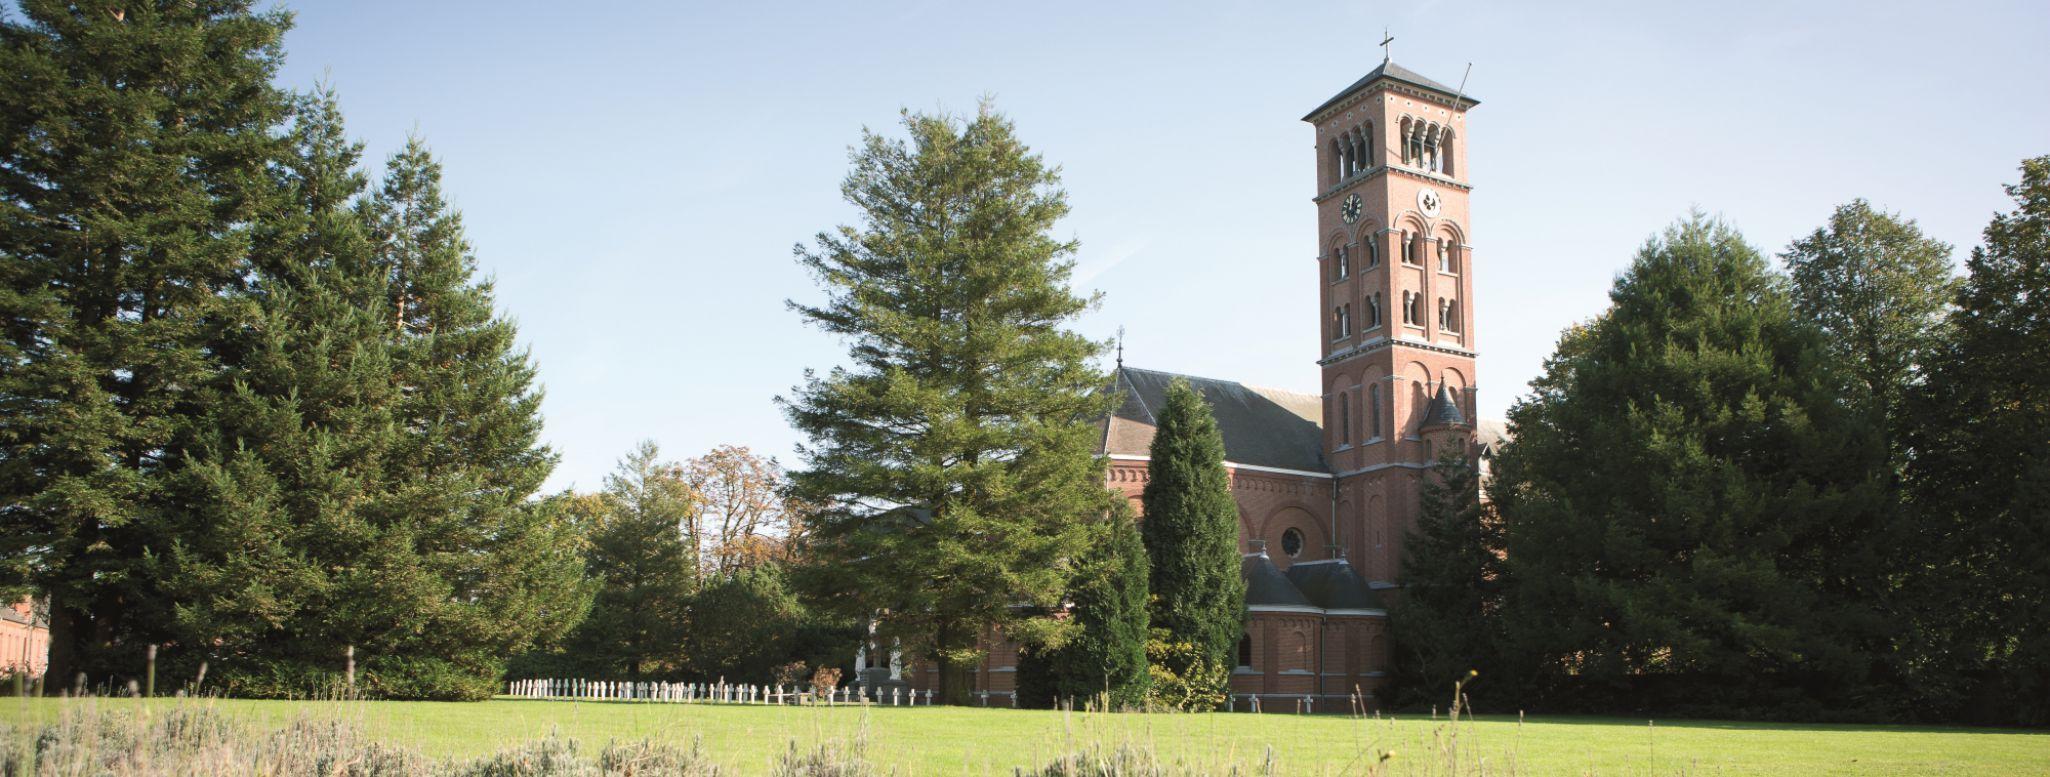 Kerk abdij Westmalle